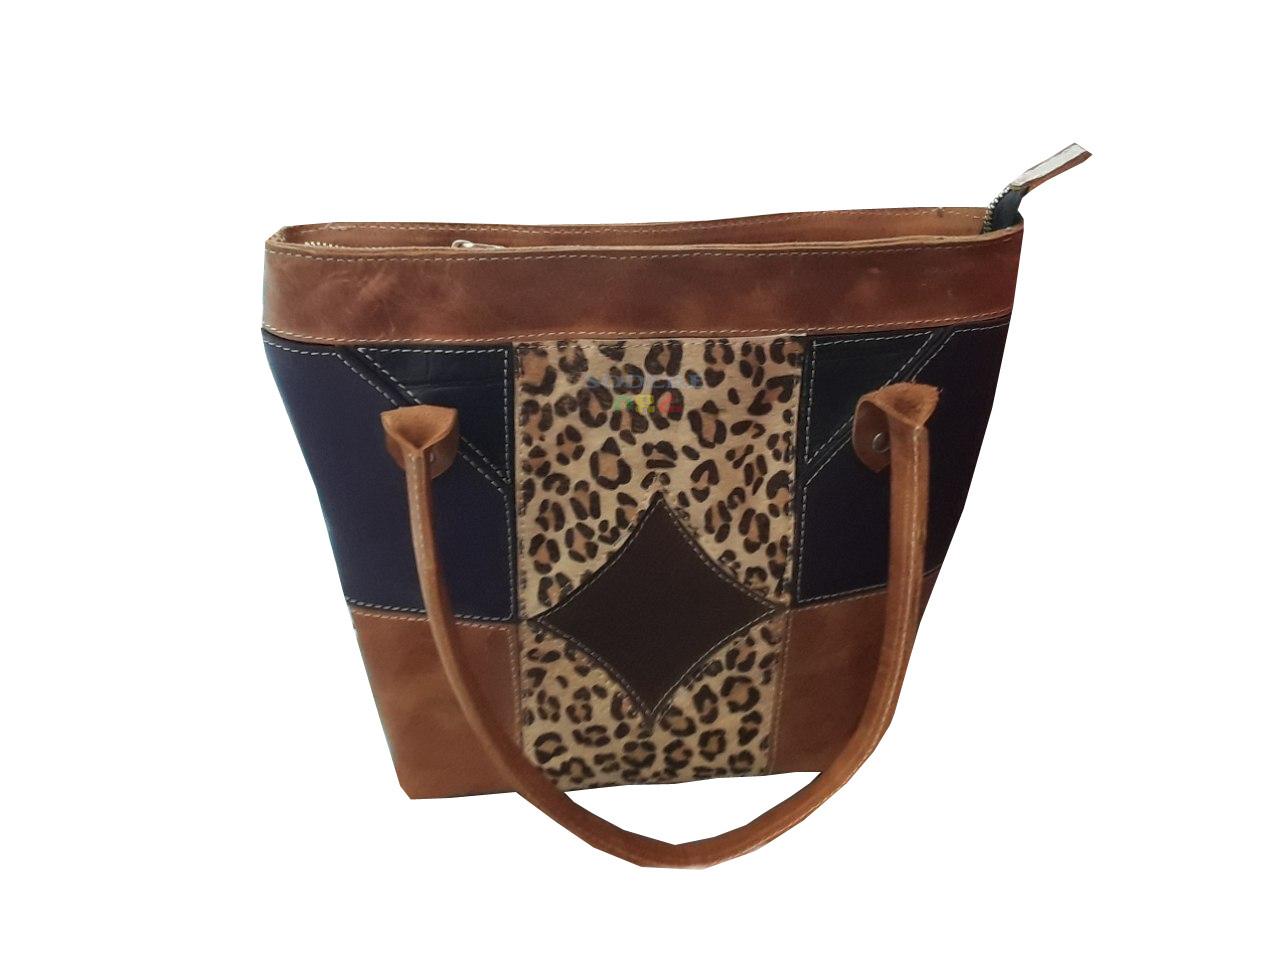 በቆዳ የተሰራ የሴቶች የጎን ባርሳ Women Leather Side Bag